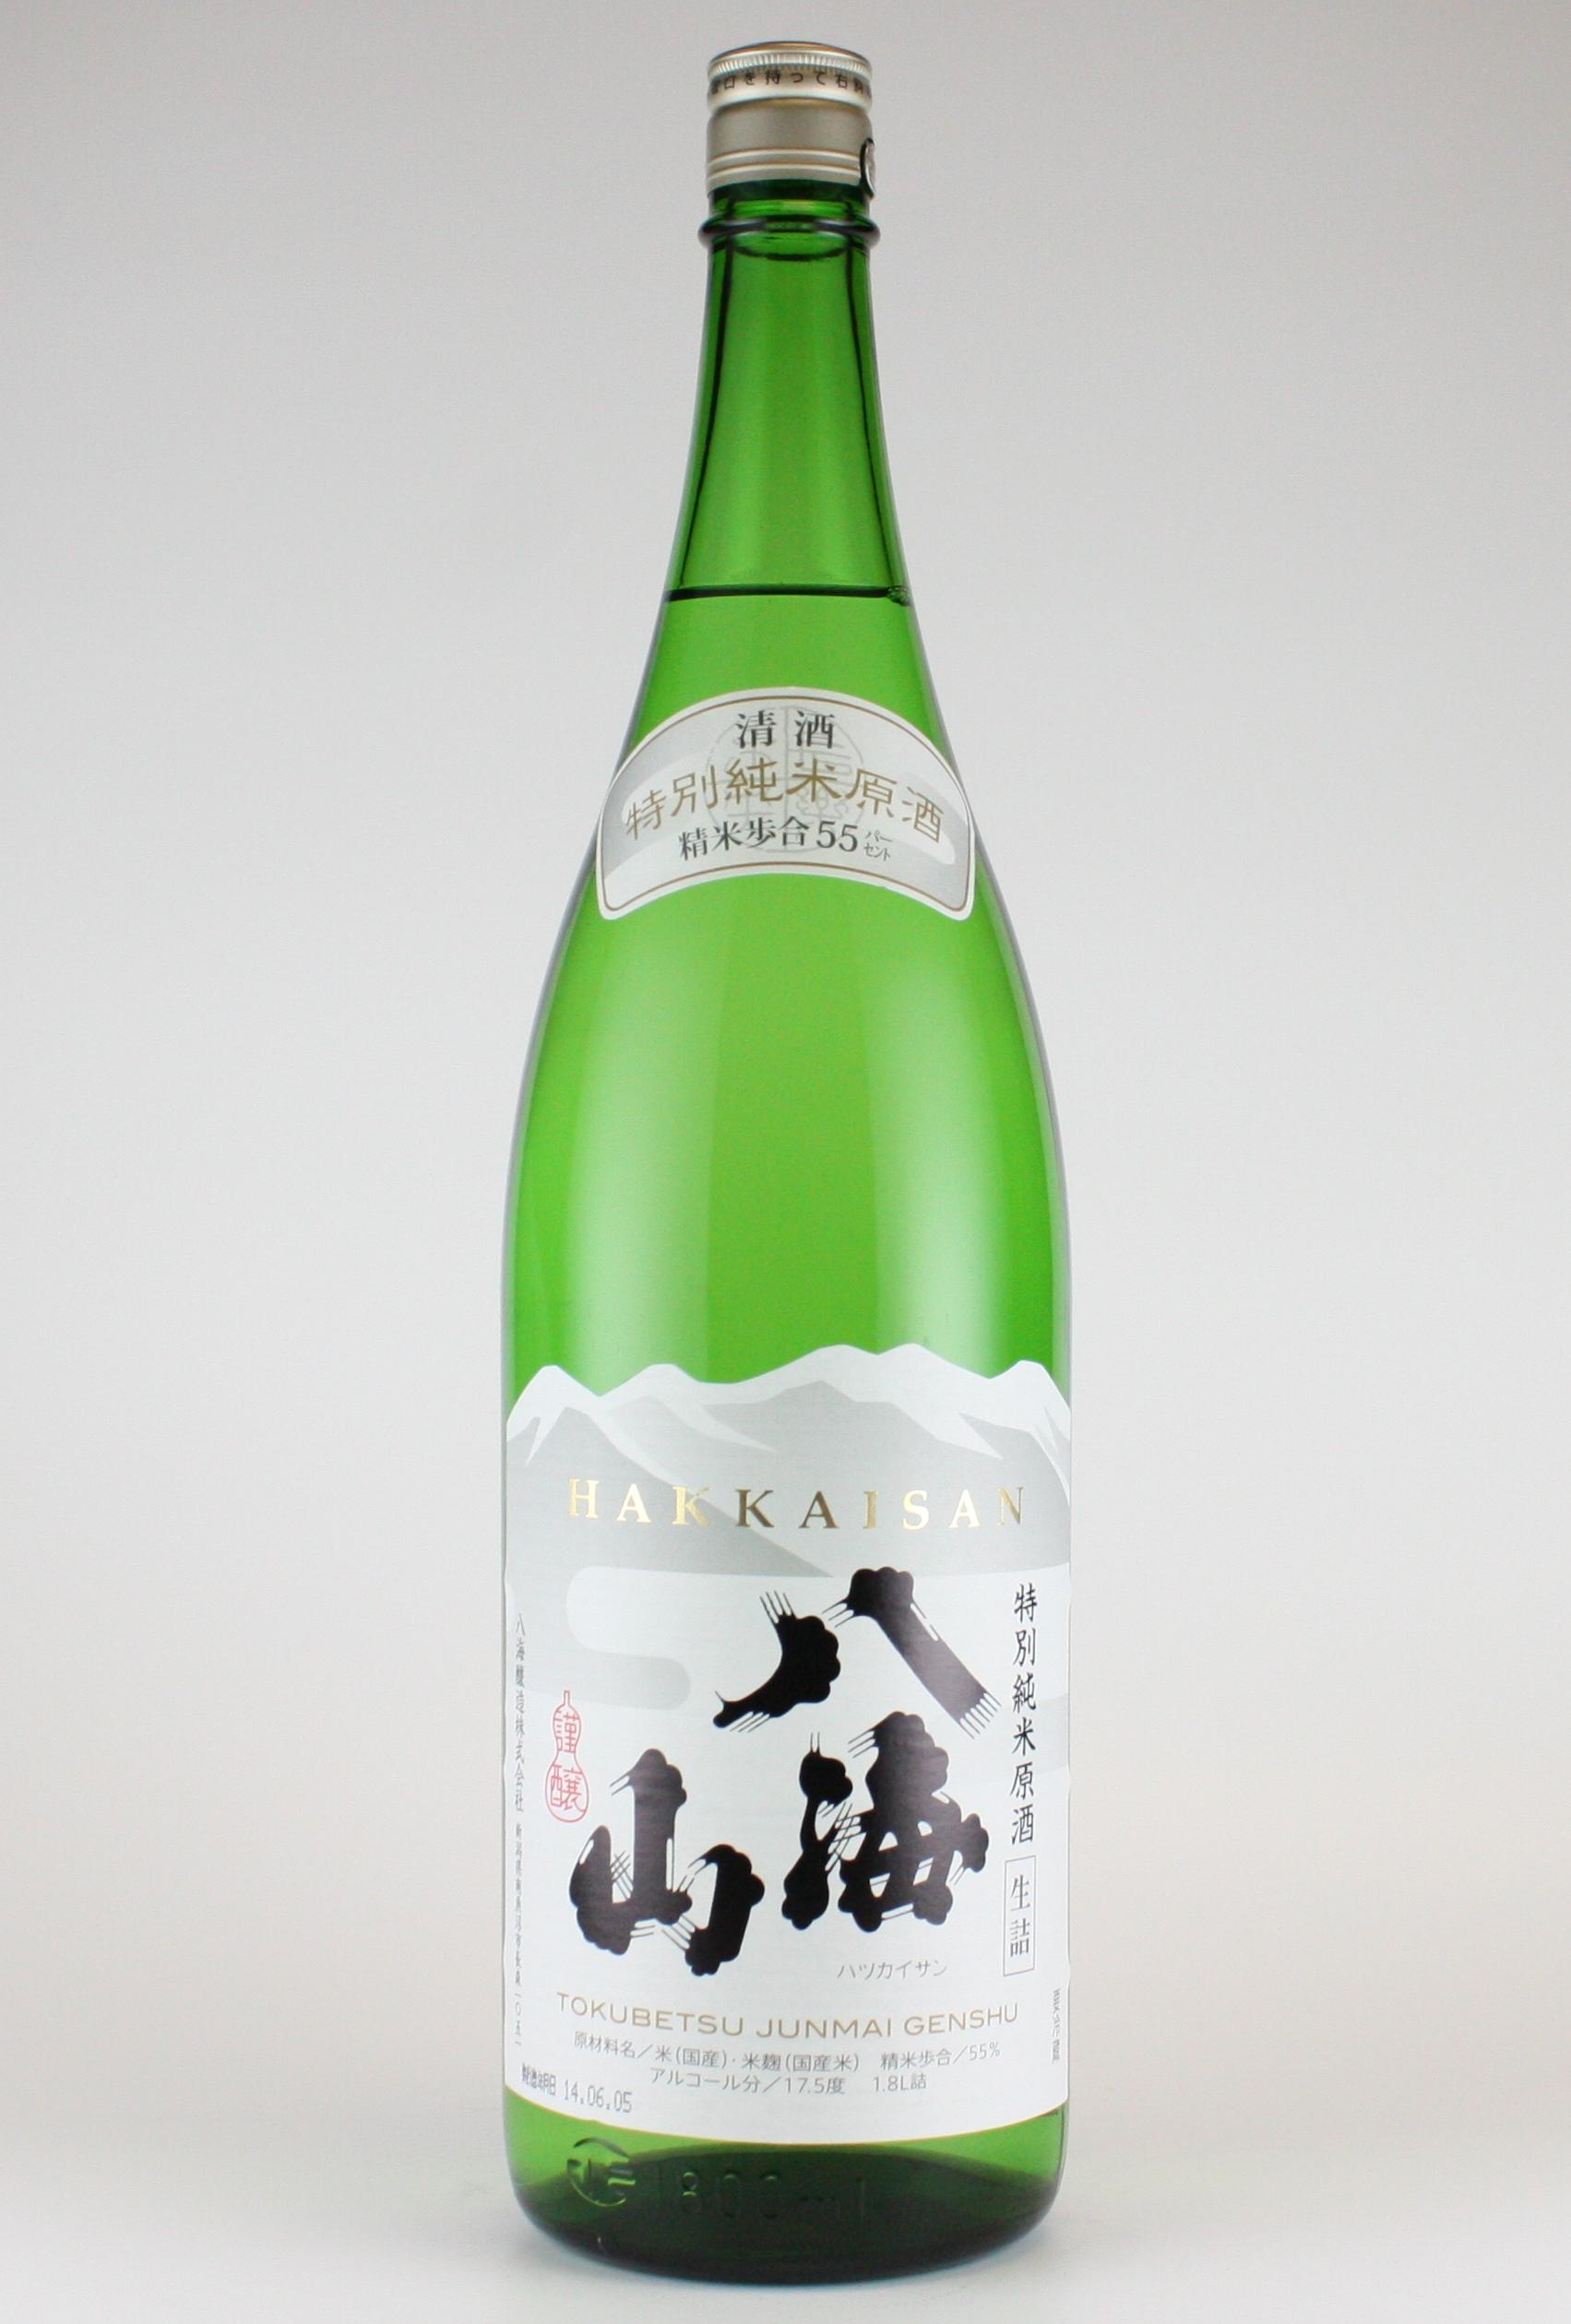 八海山2014 特別純米生詰原酒 1800ml 【新潟/八海醸造】